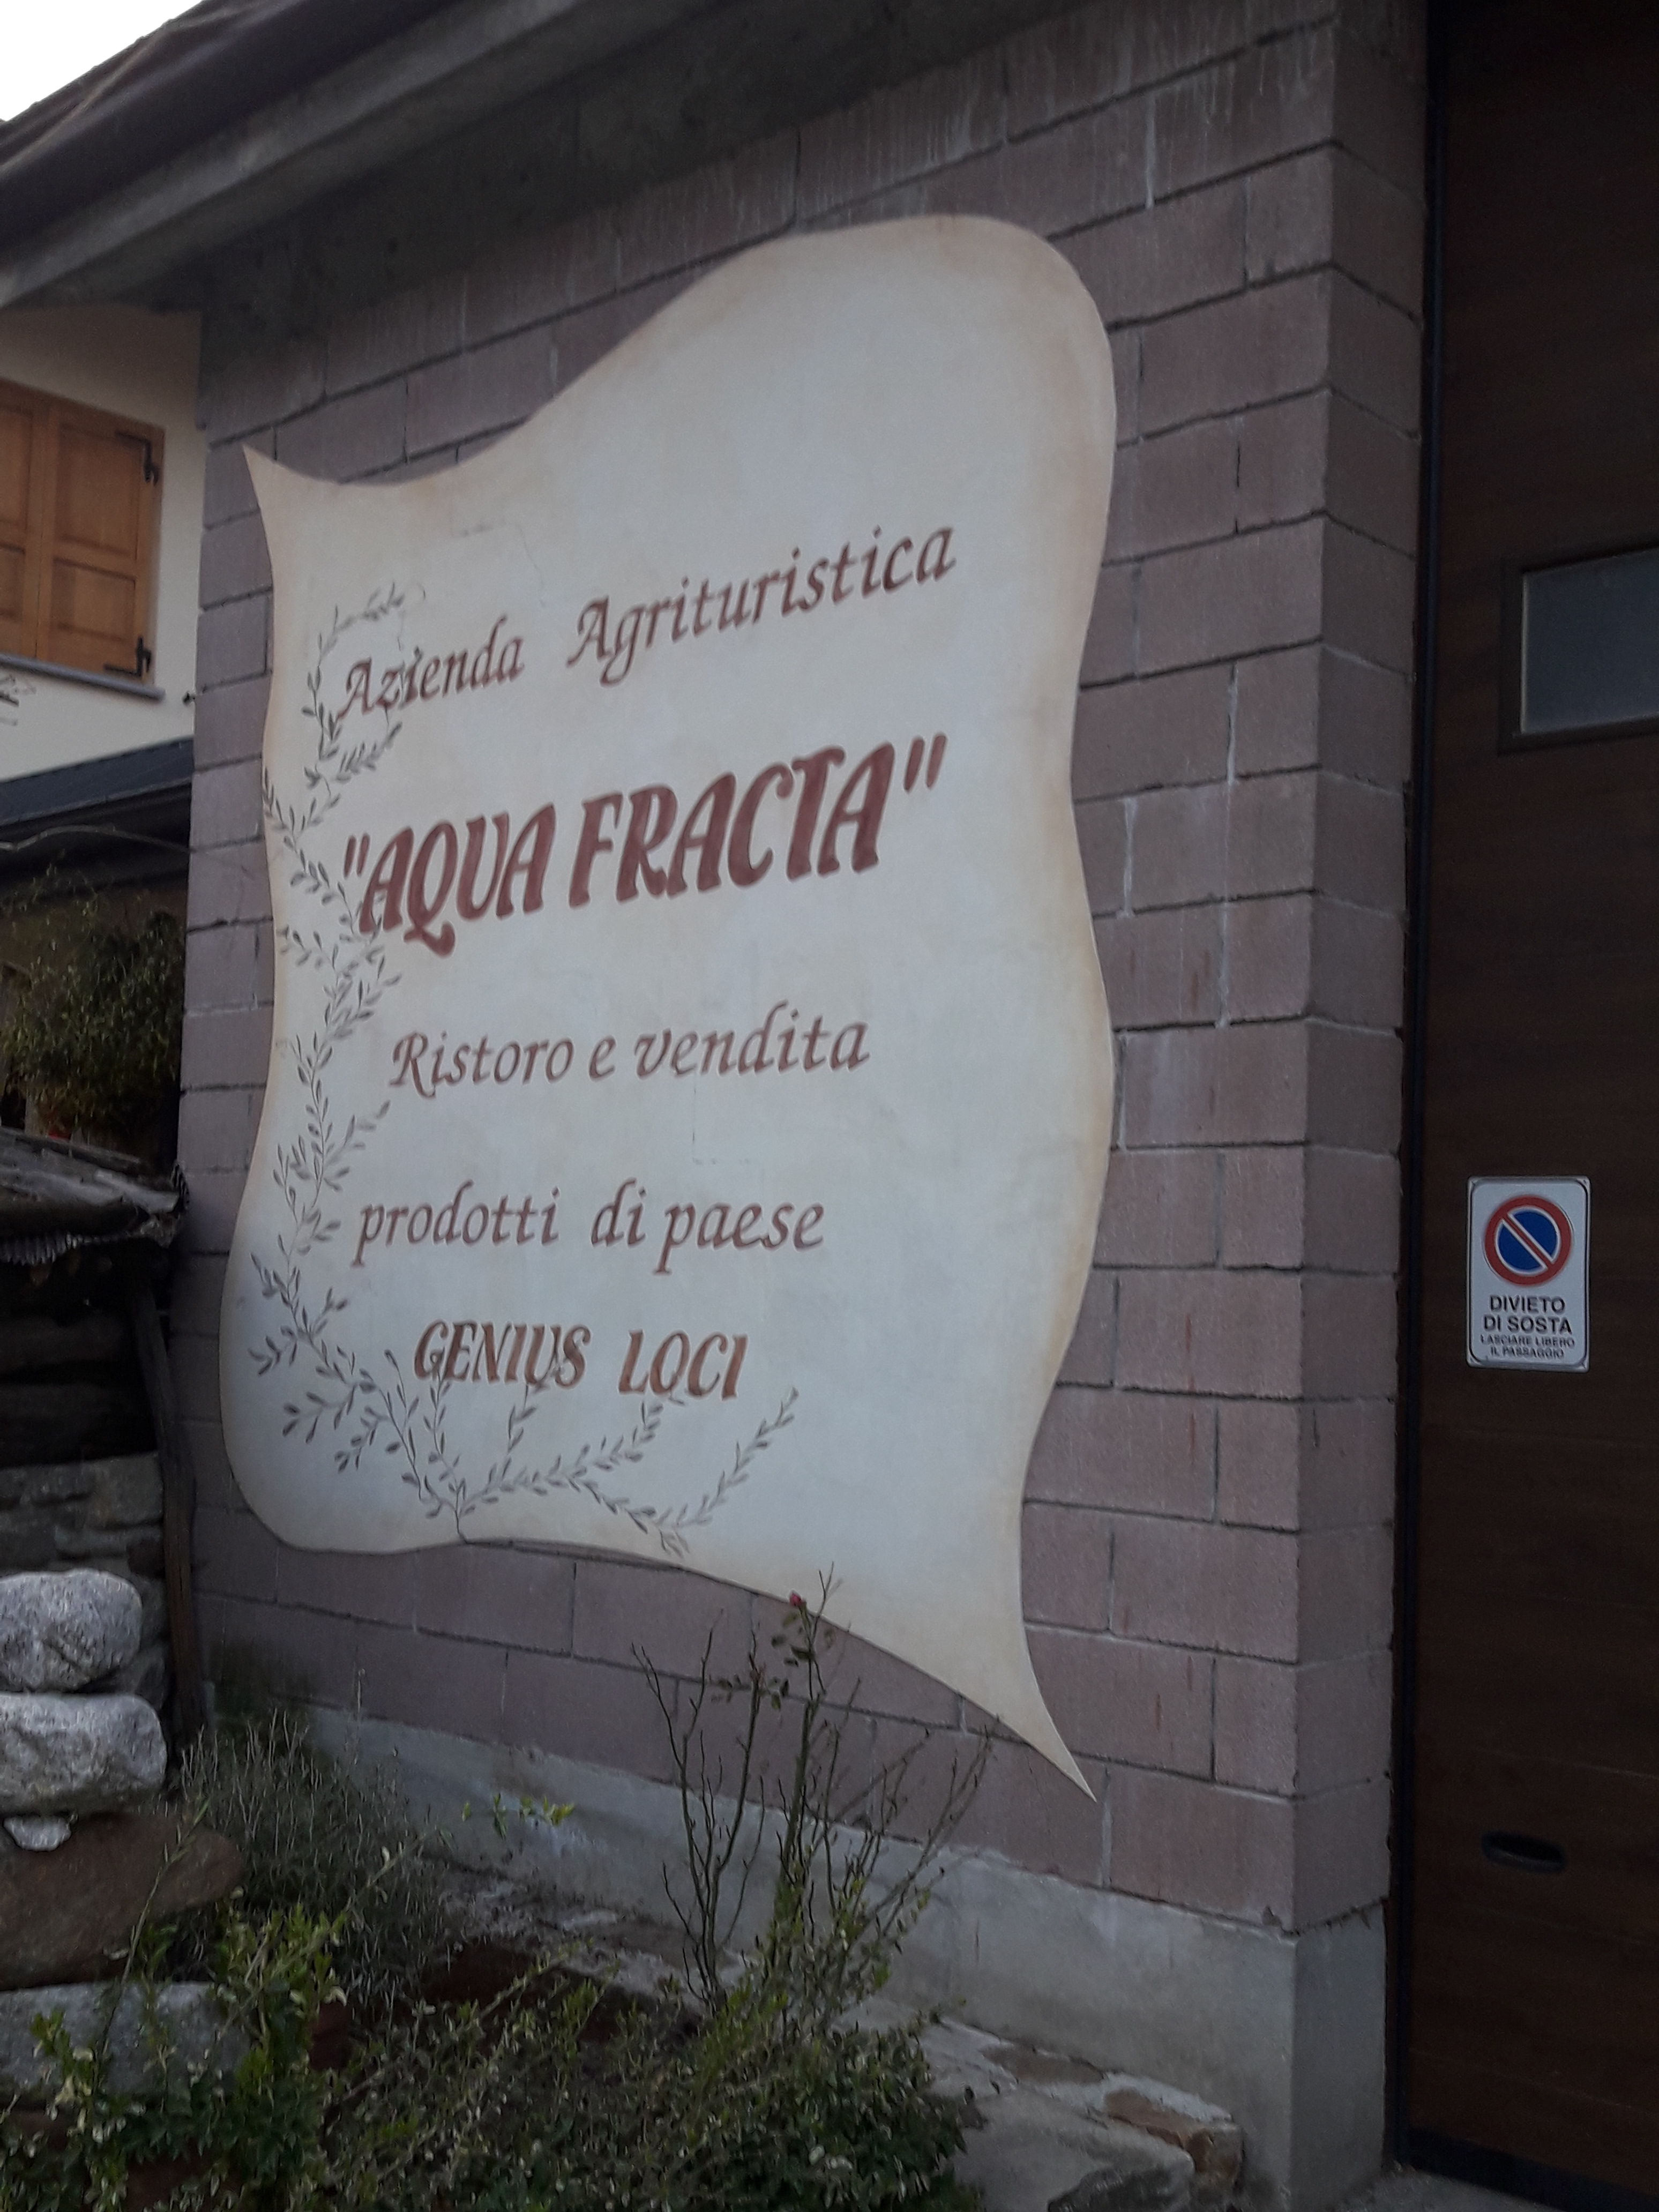 Agriturismo Aqua Fracta,l'ingresso